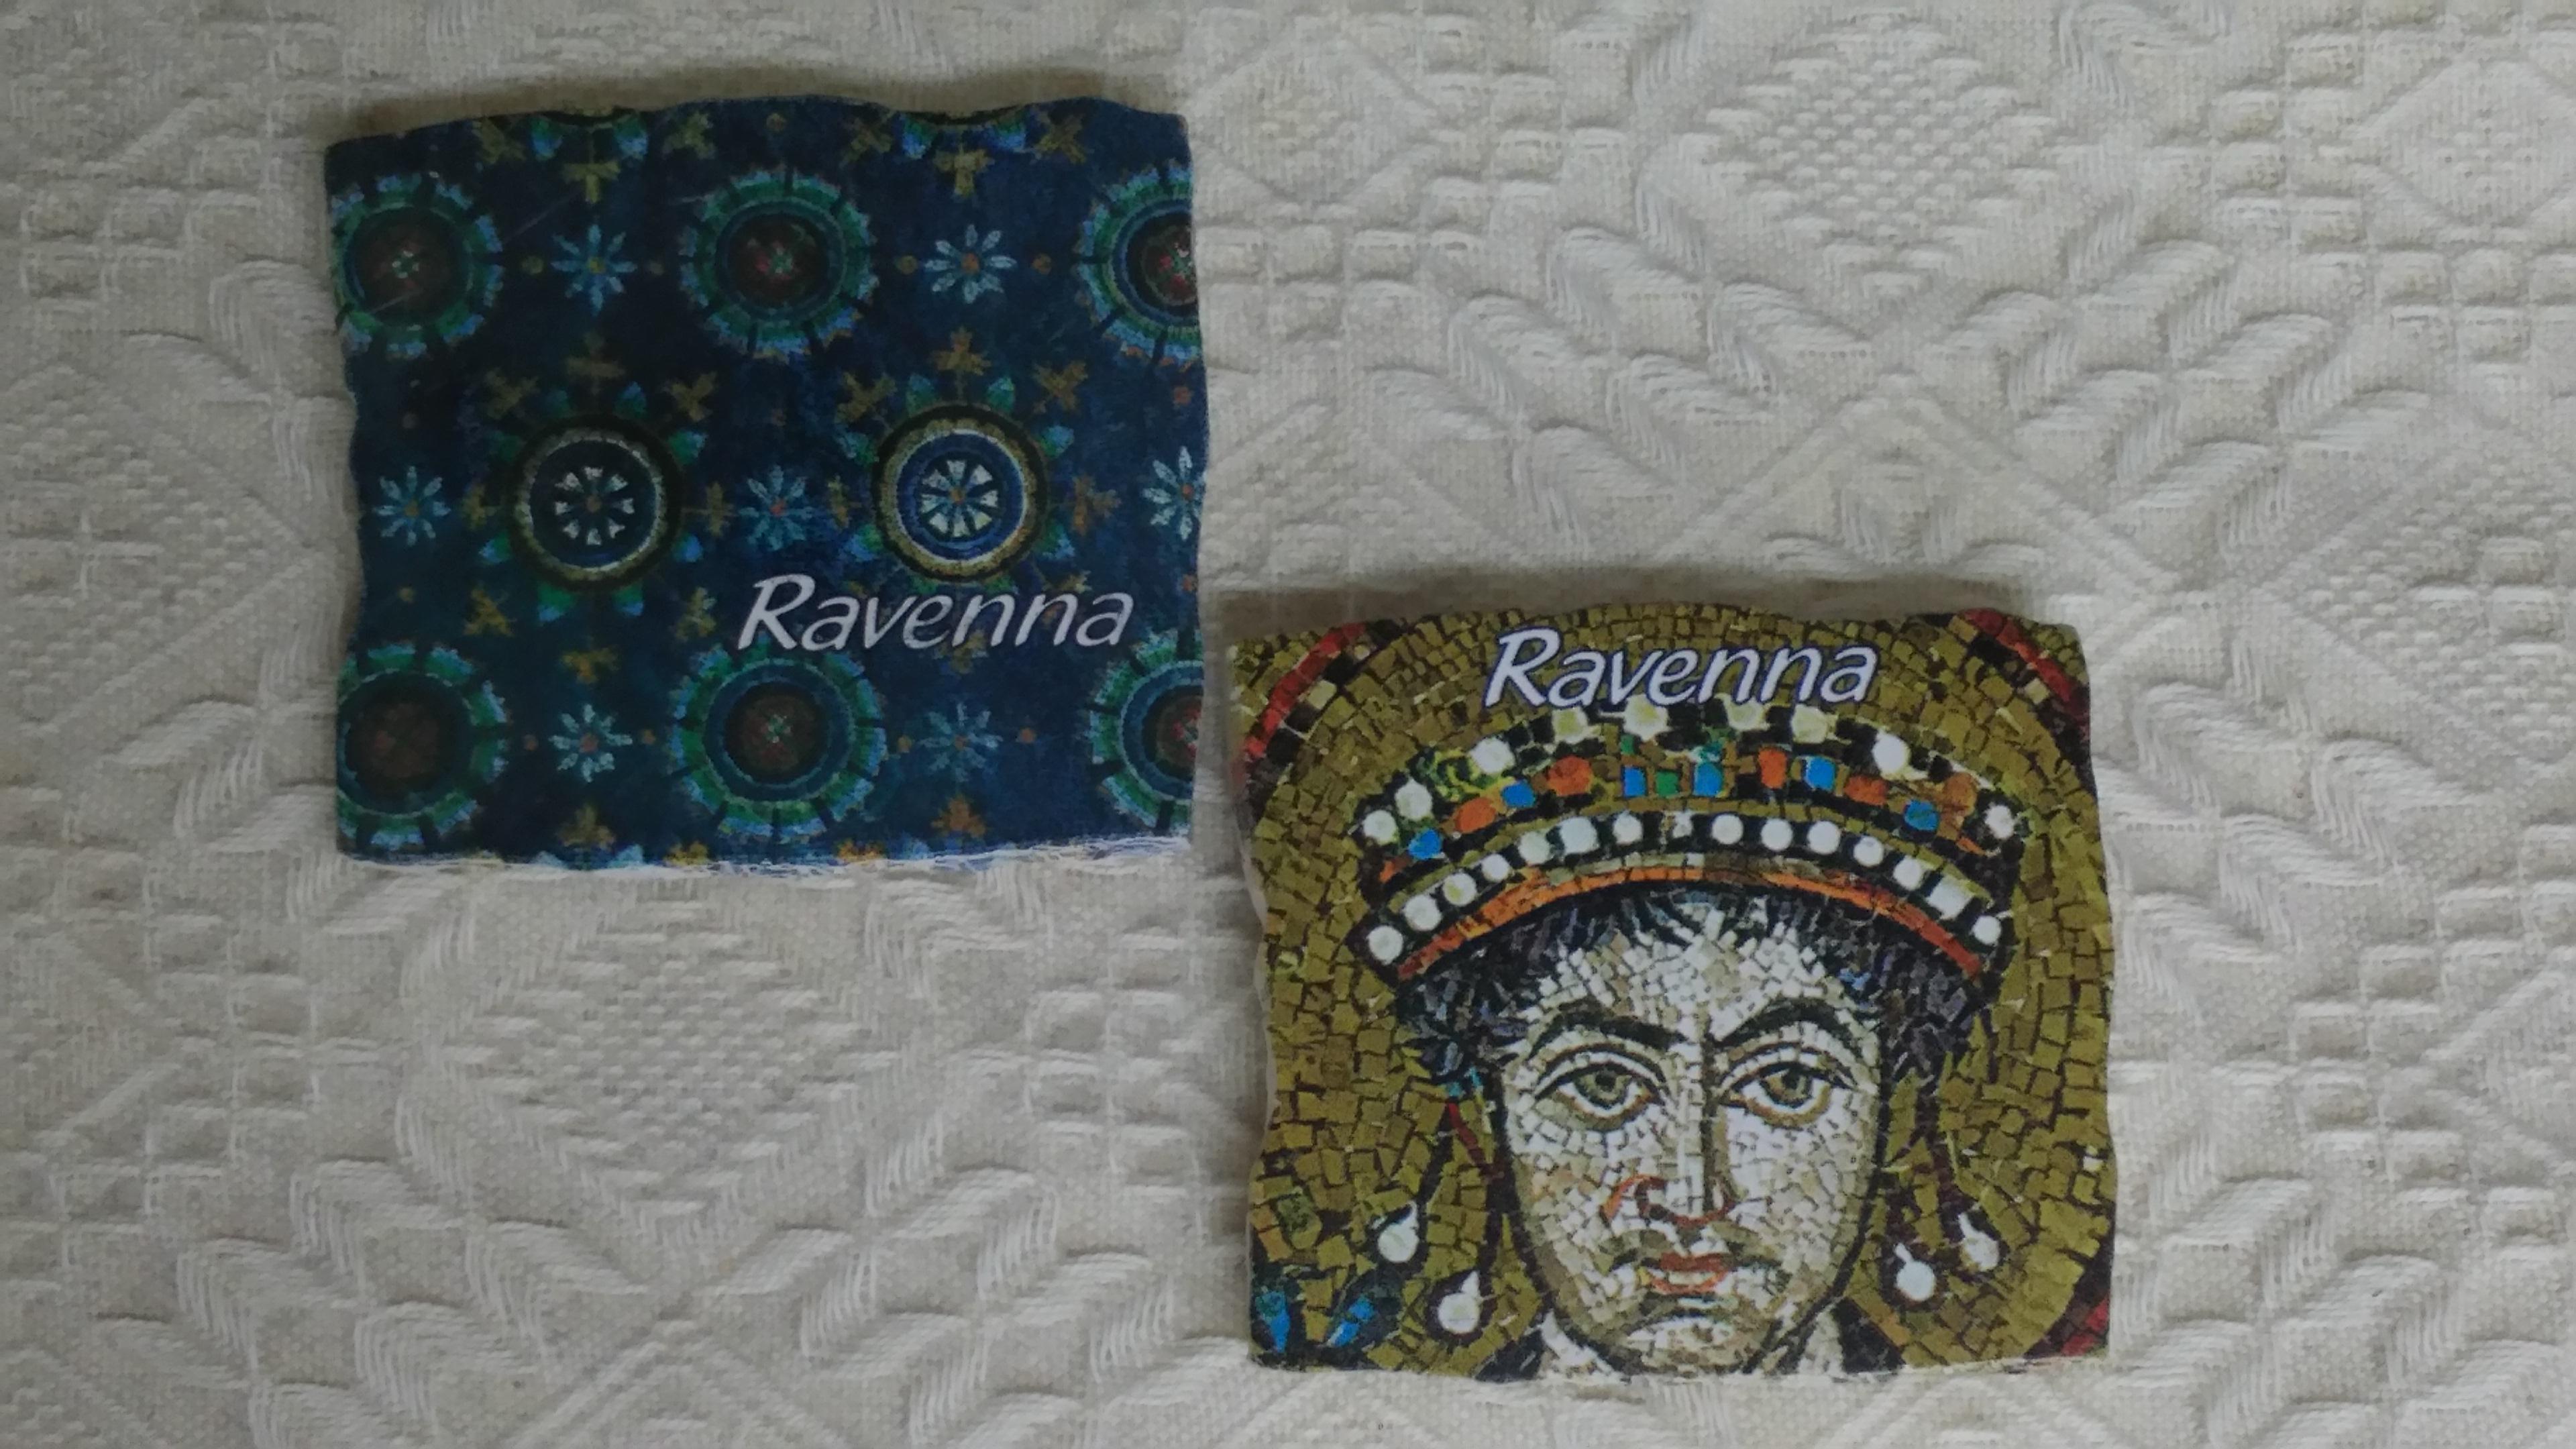 イタリア土産 ラヴェンナのモザイク